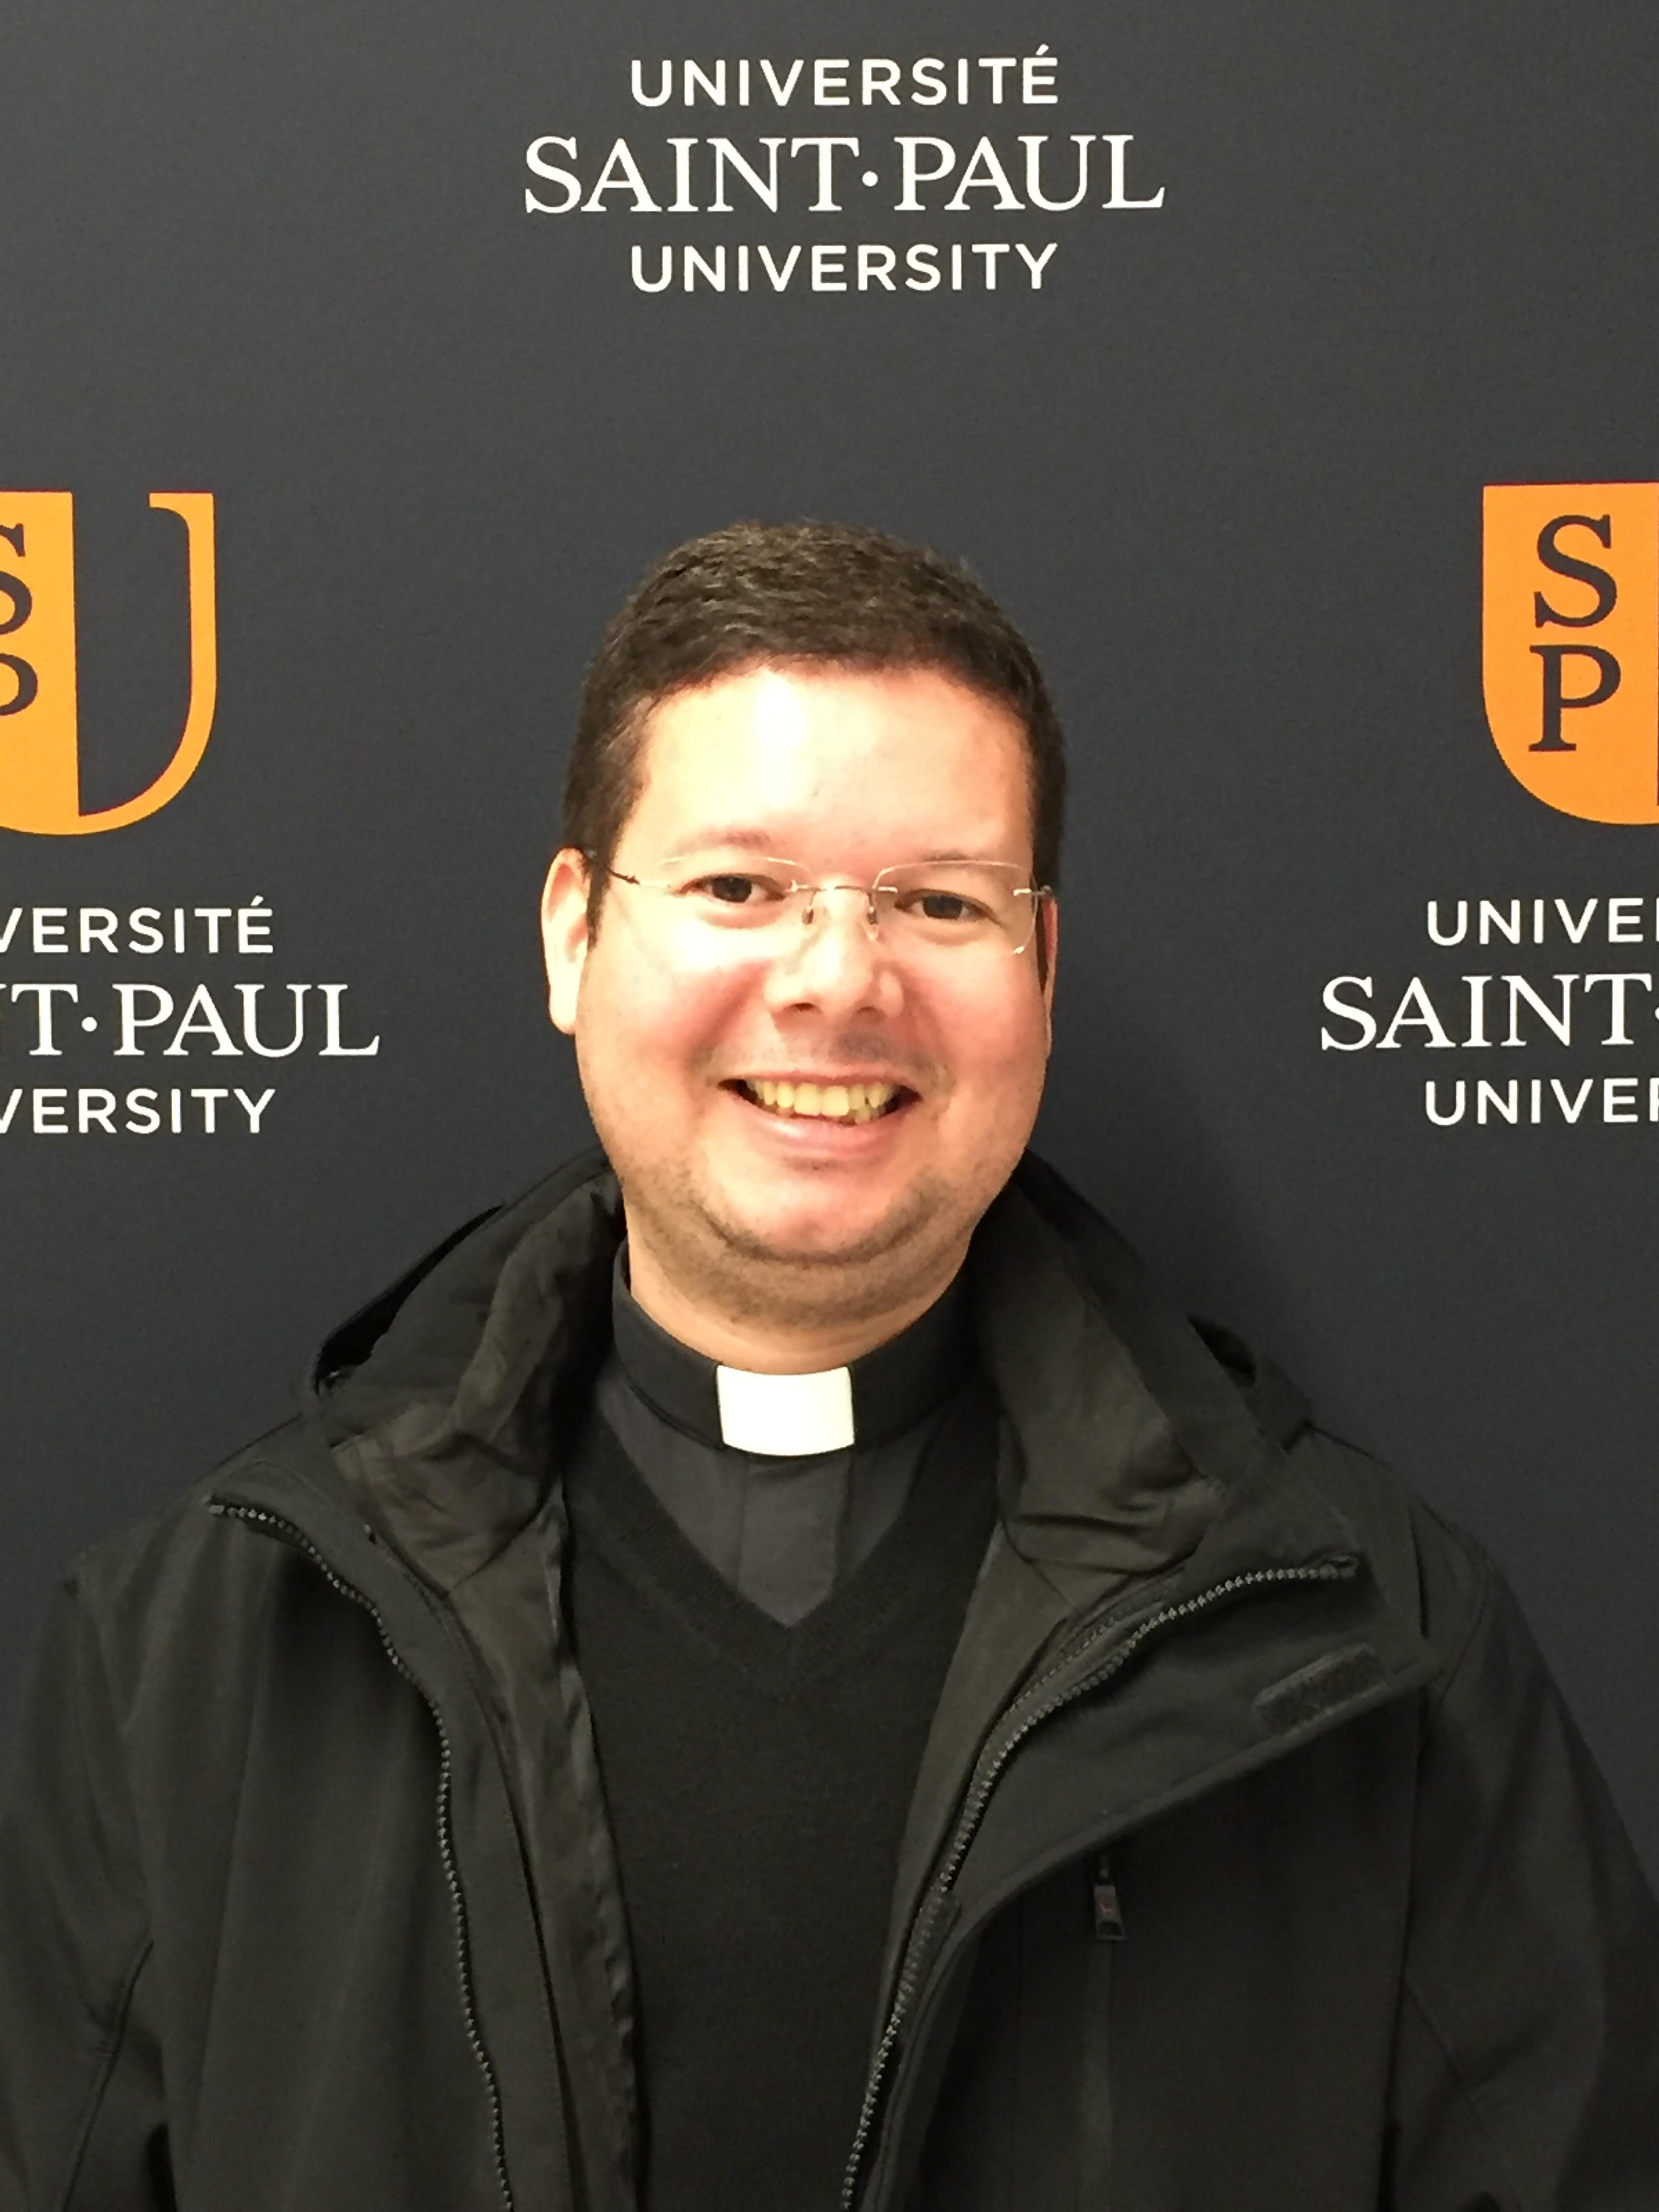 Rev. Carlos Donato da Silva